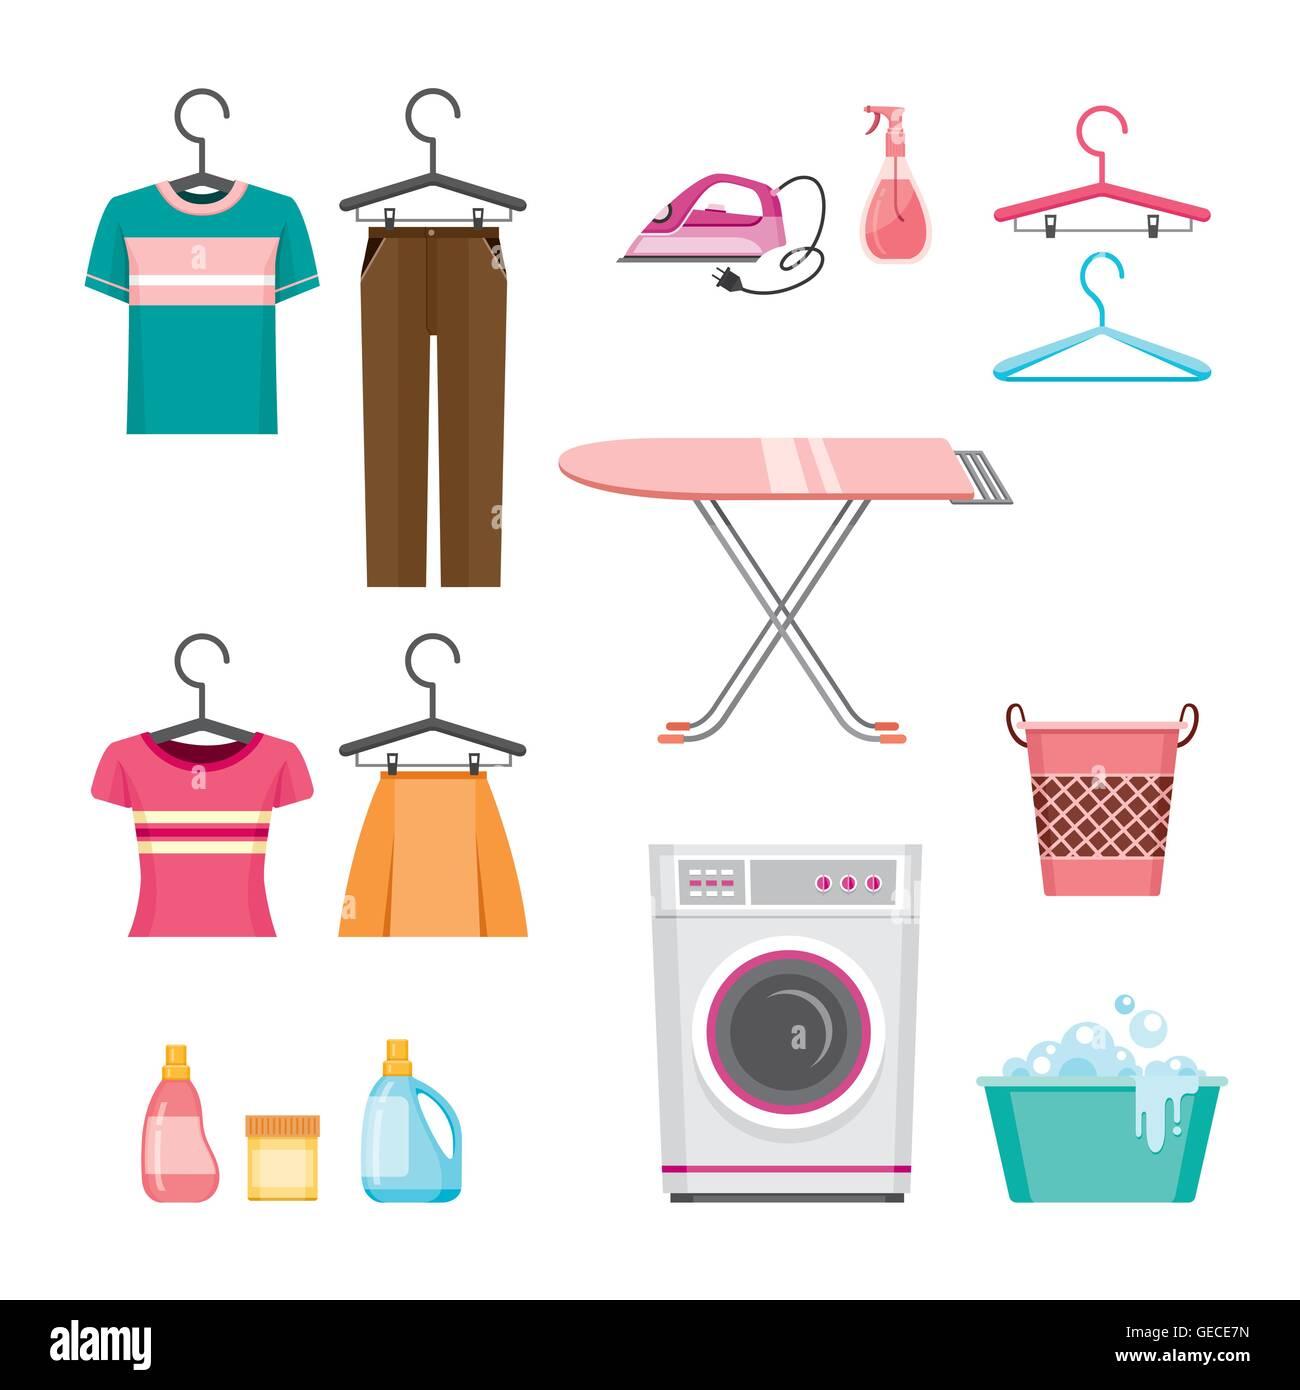 Cartoon Laundry Stock Photos Amp Cartoon Laundry Stock